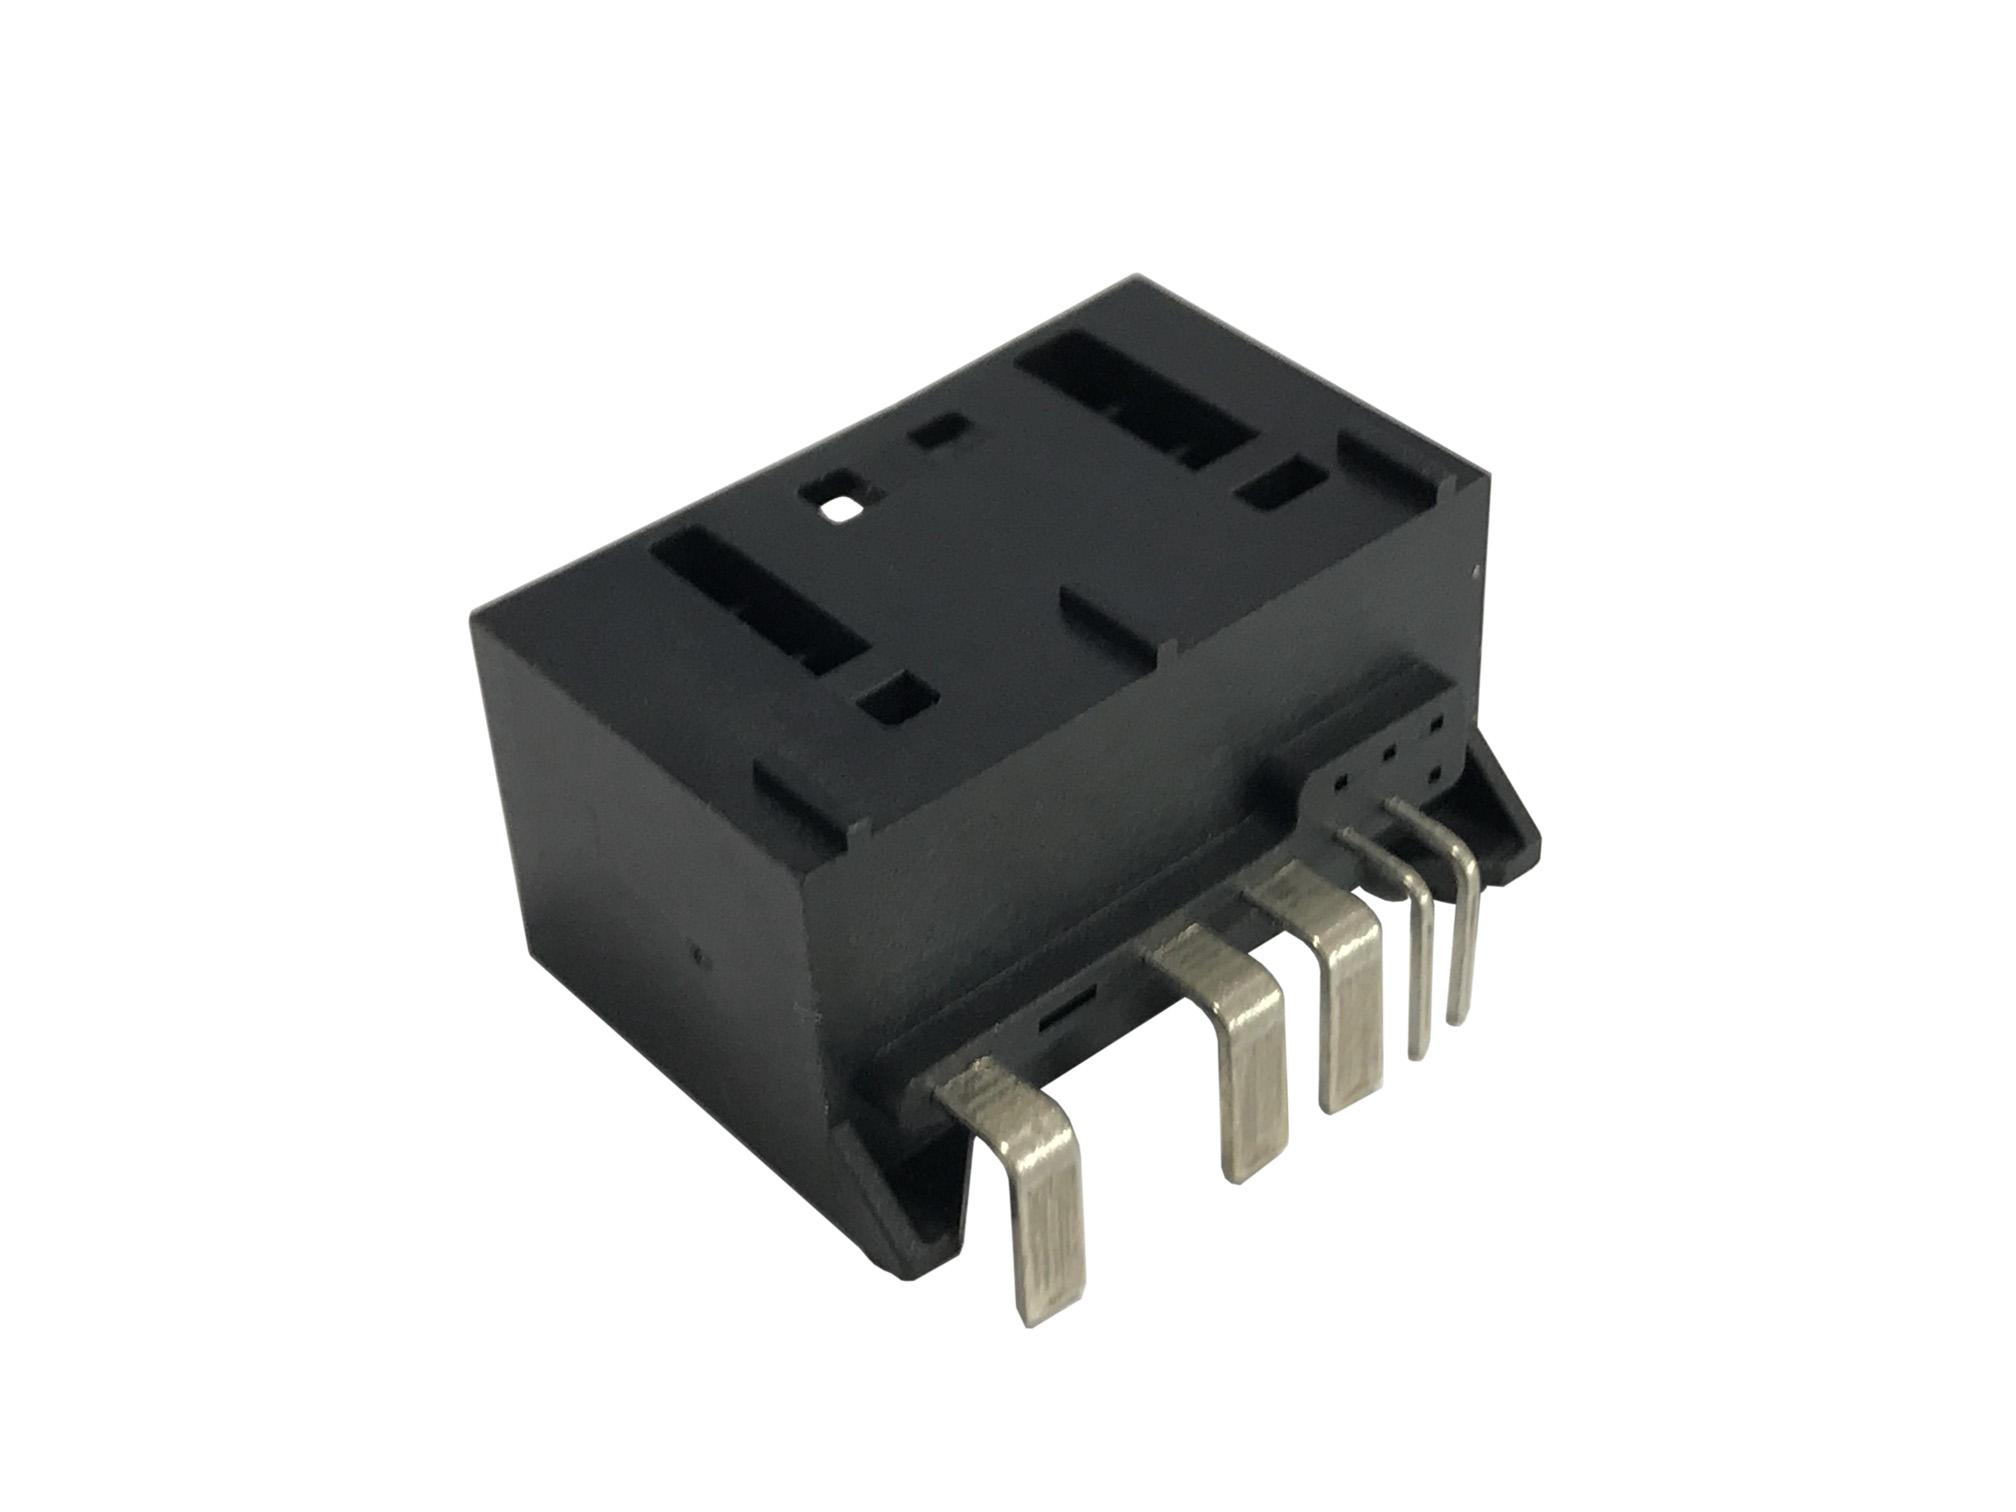 QJ552 5芯插座组合